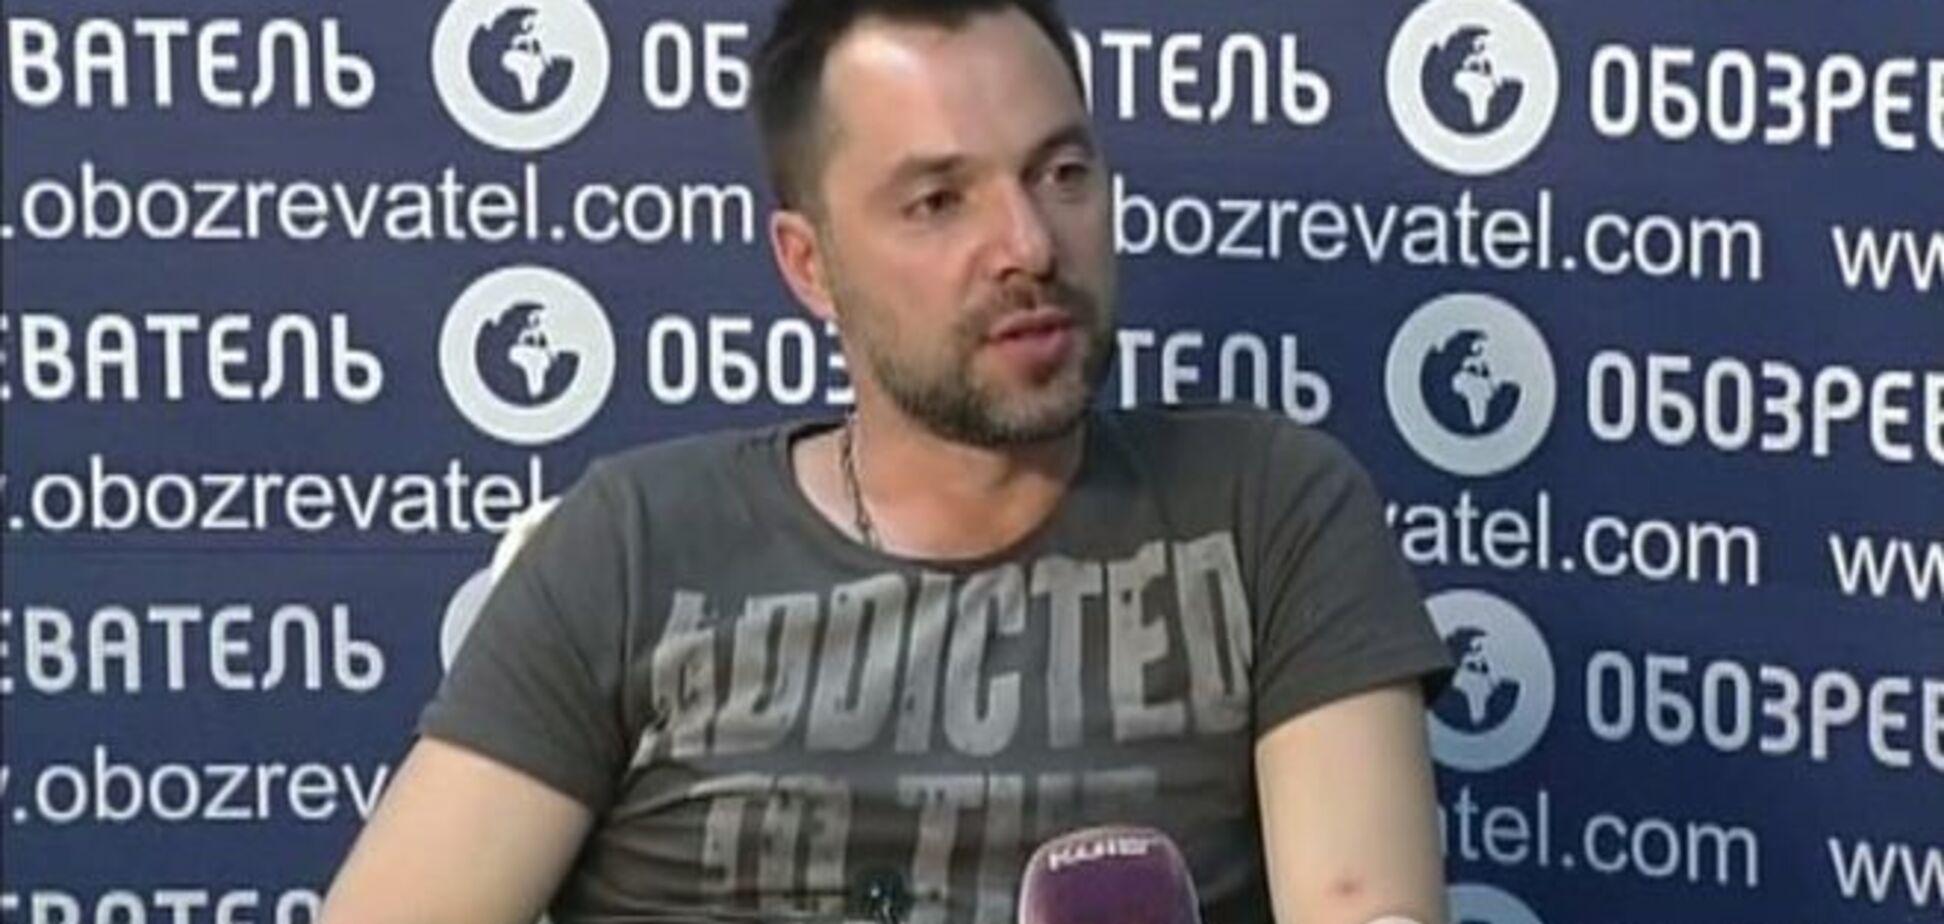 Арестович оцінив ймовірність наступу на Донбасі в 95%